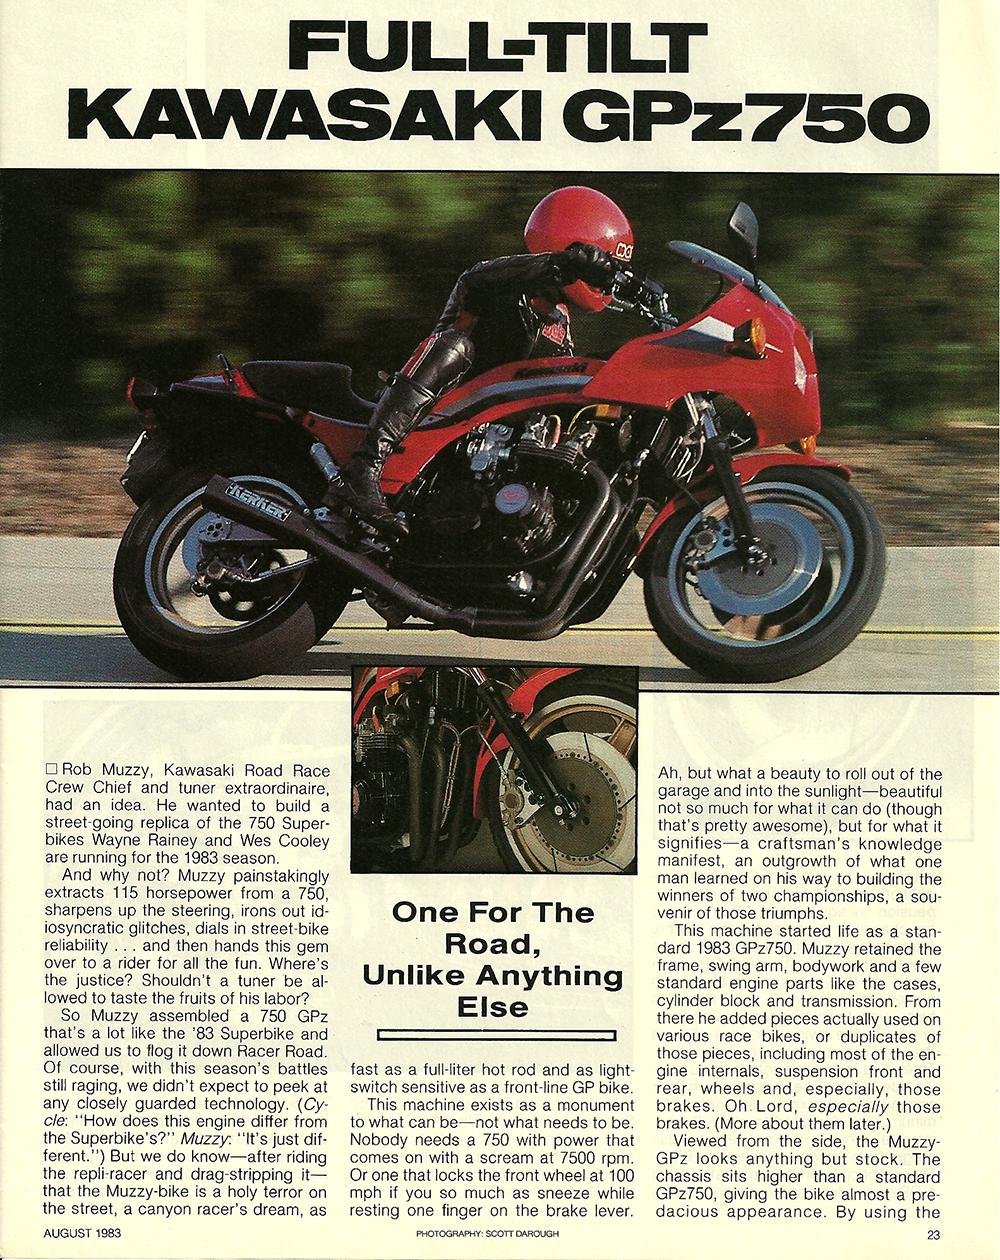 1983 Kawasaki GPz 750 full tilt test 1.jpg